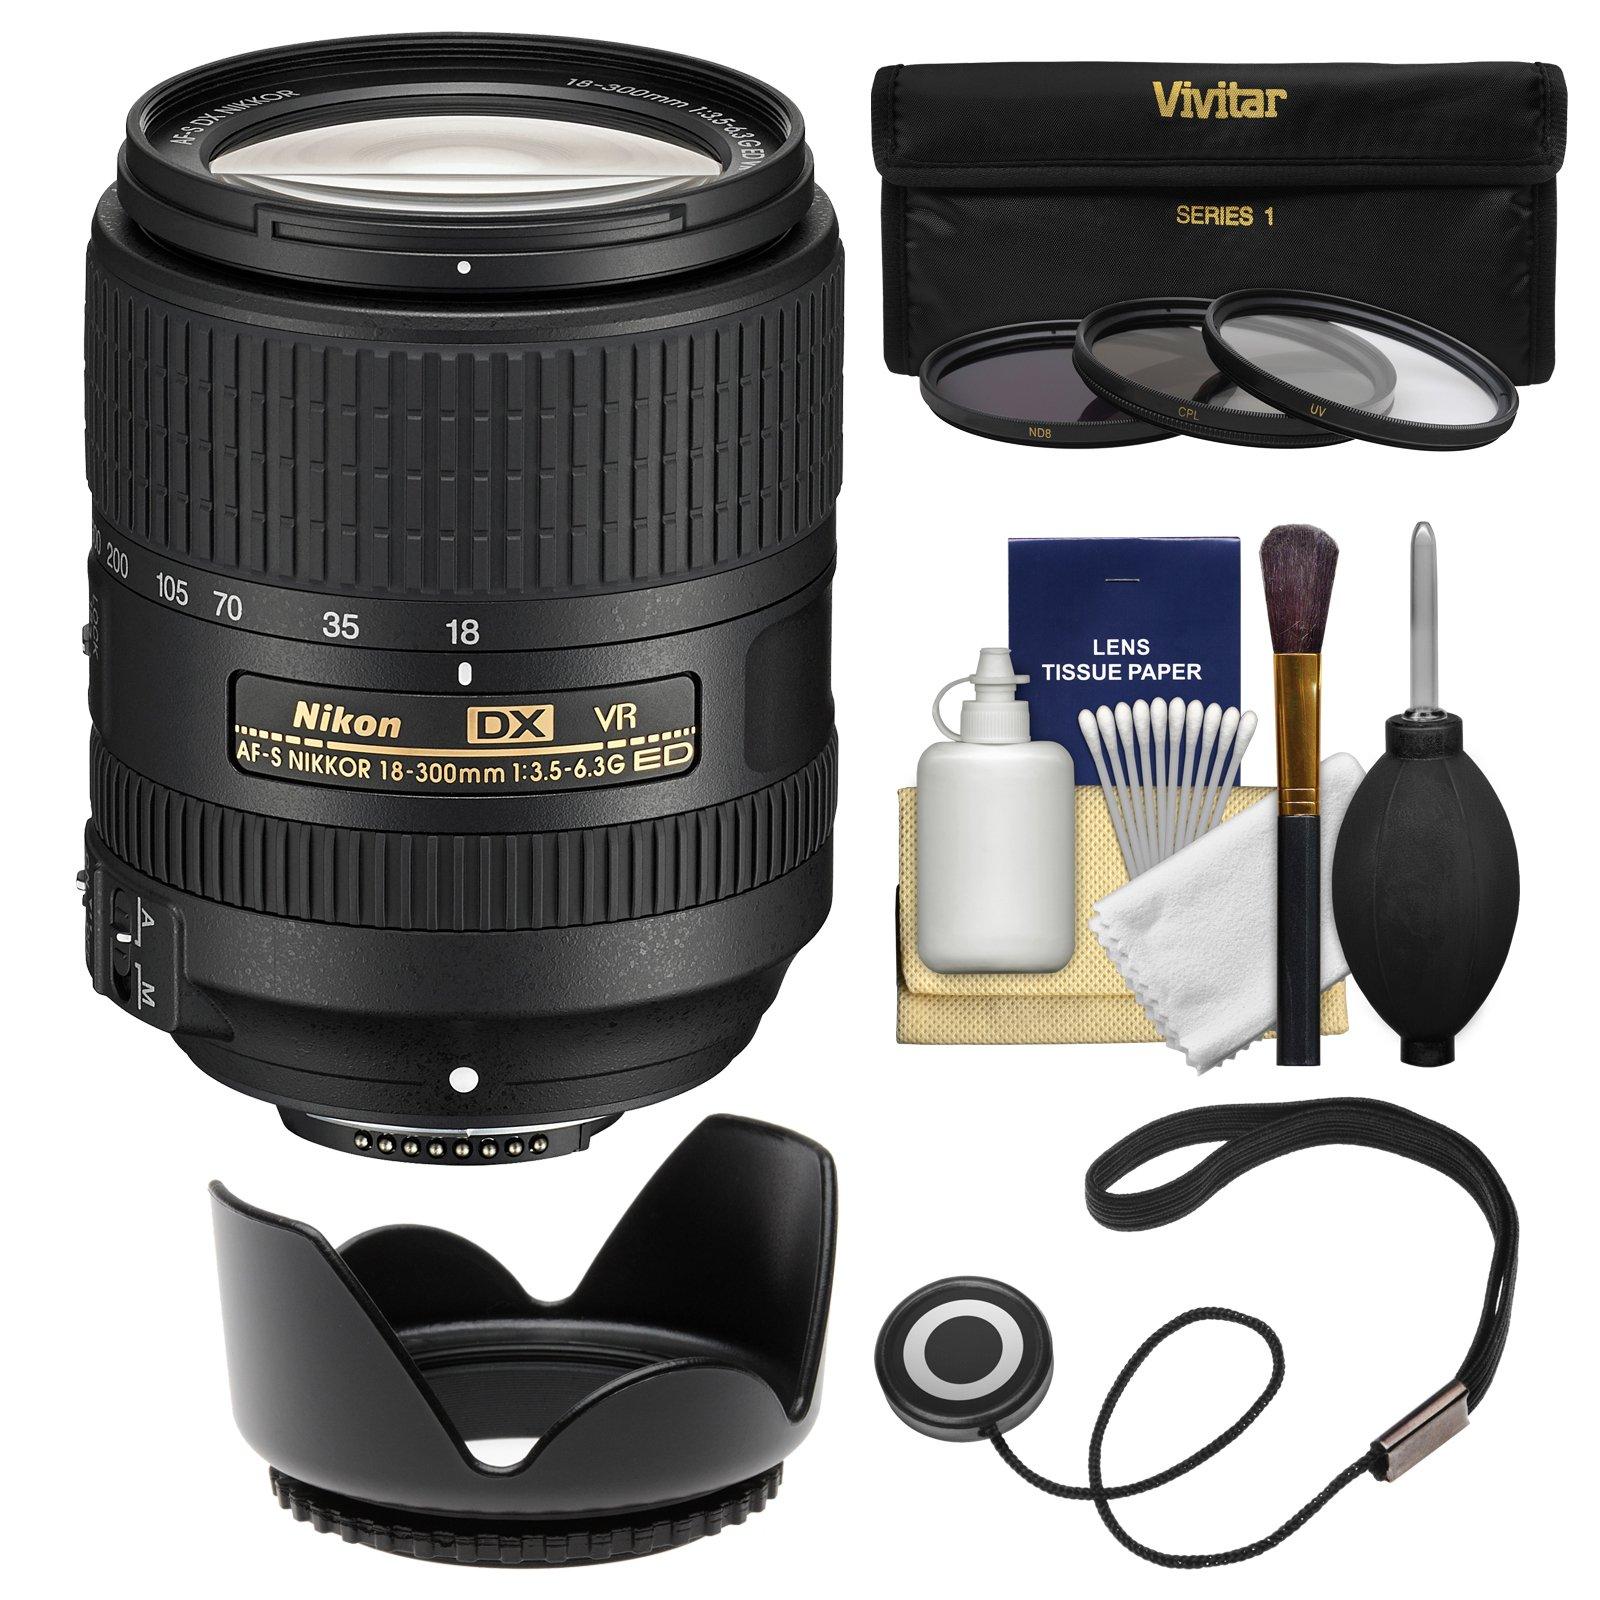 Nikon 18-300mm f/3.5-6.3G VR DX ED AF-S Nikkor-Zoom Lens with 3 UV/CPL/ND8 Filters + Hood + Kit for D3200, D3300, D5300, D5500, D7100, D7200 Cameras